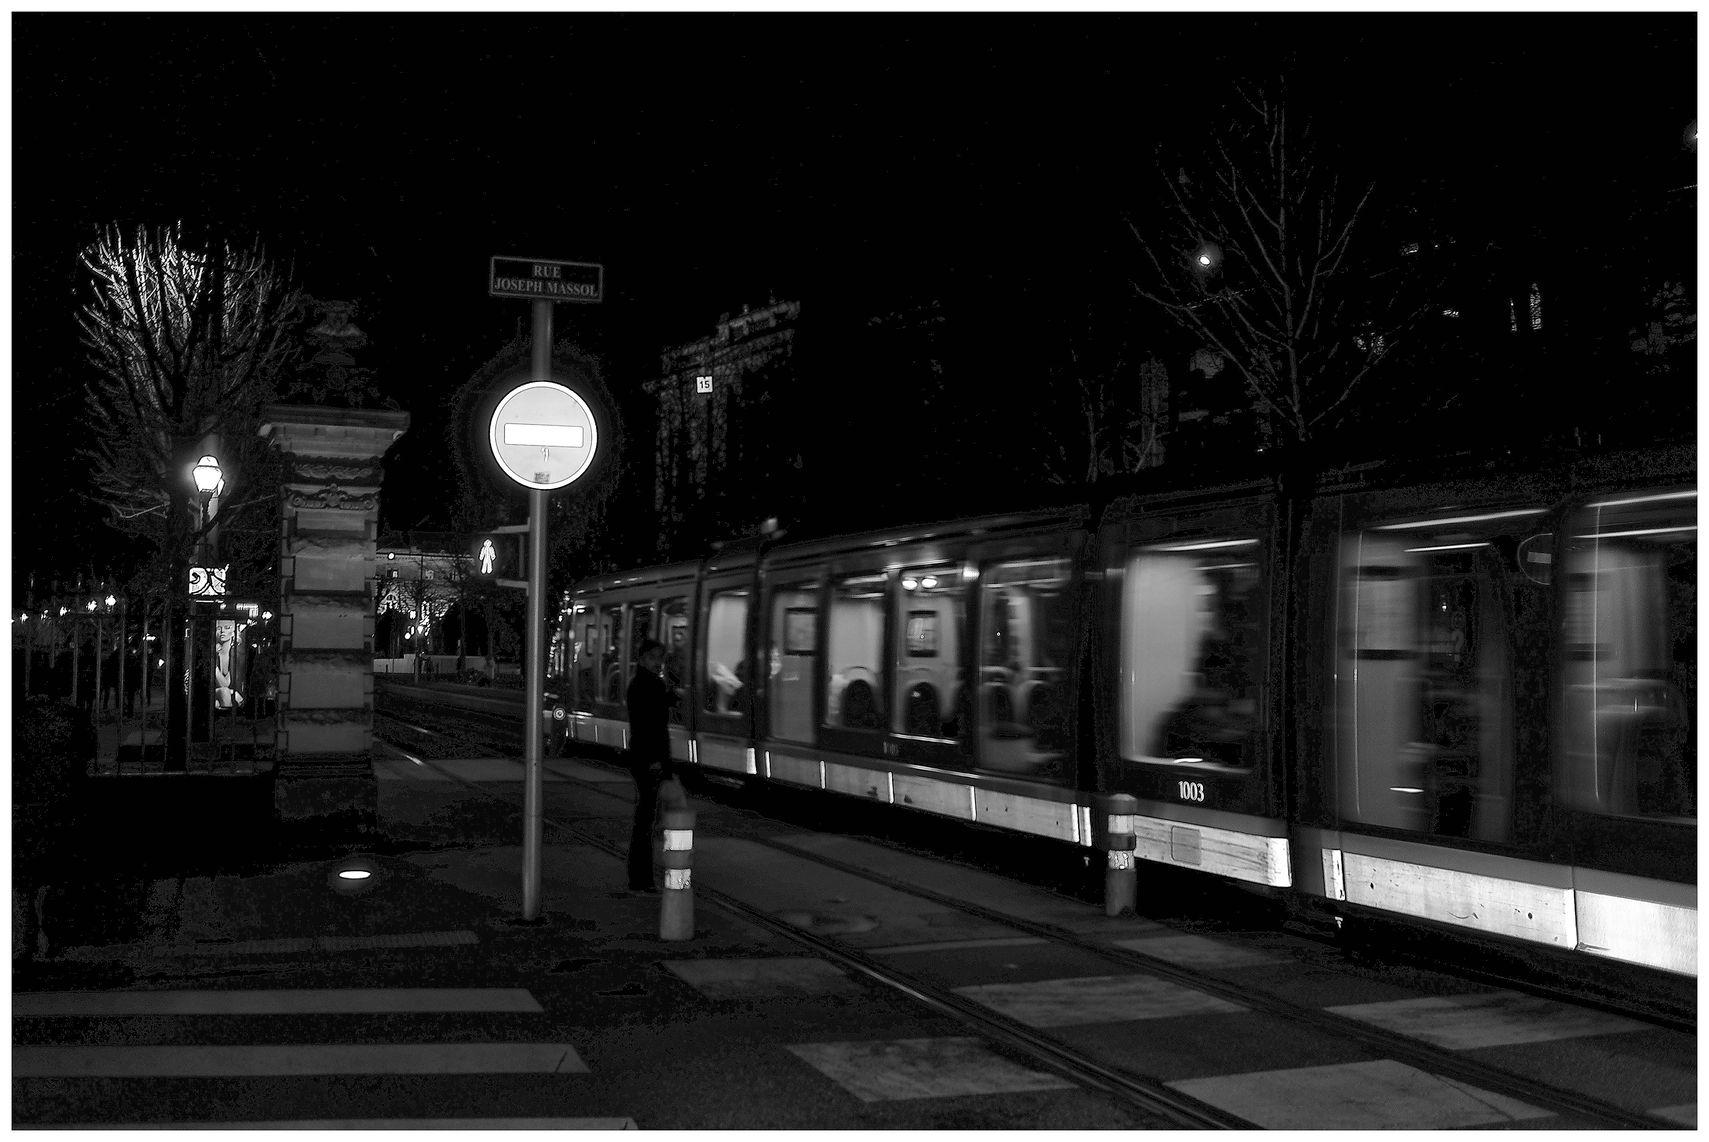 tramway de Strasbourg la nuit devant le TNS